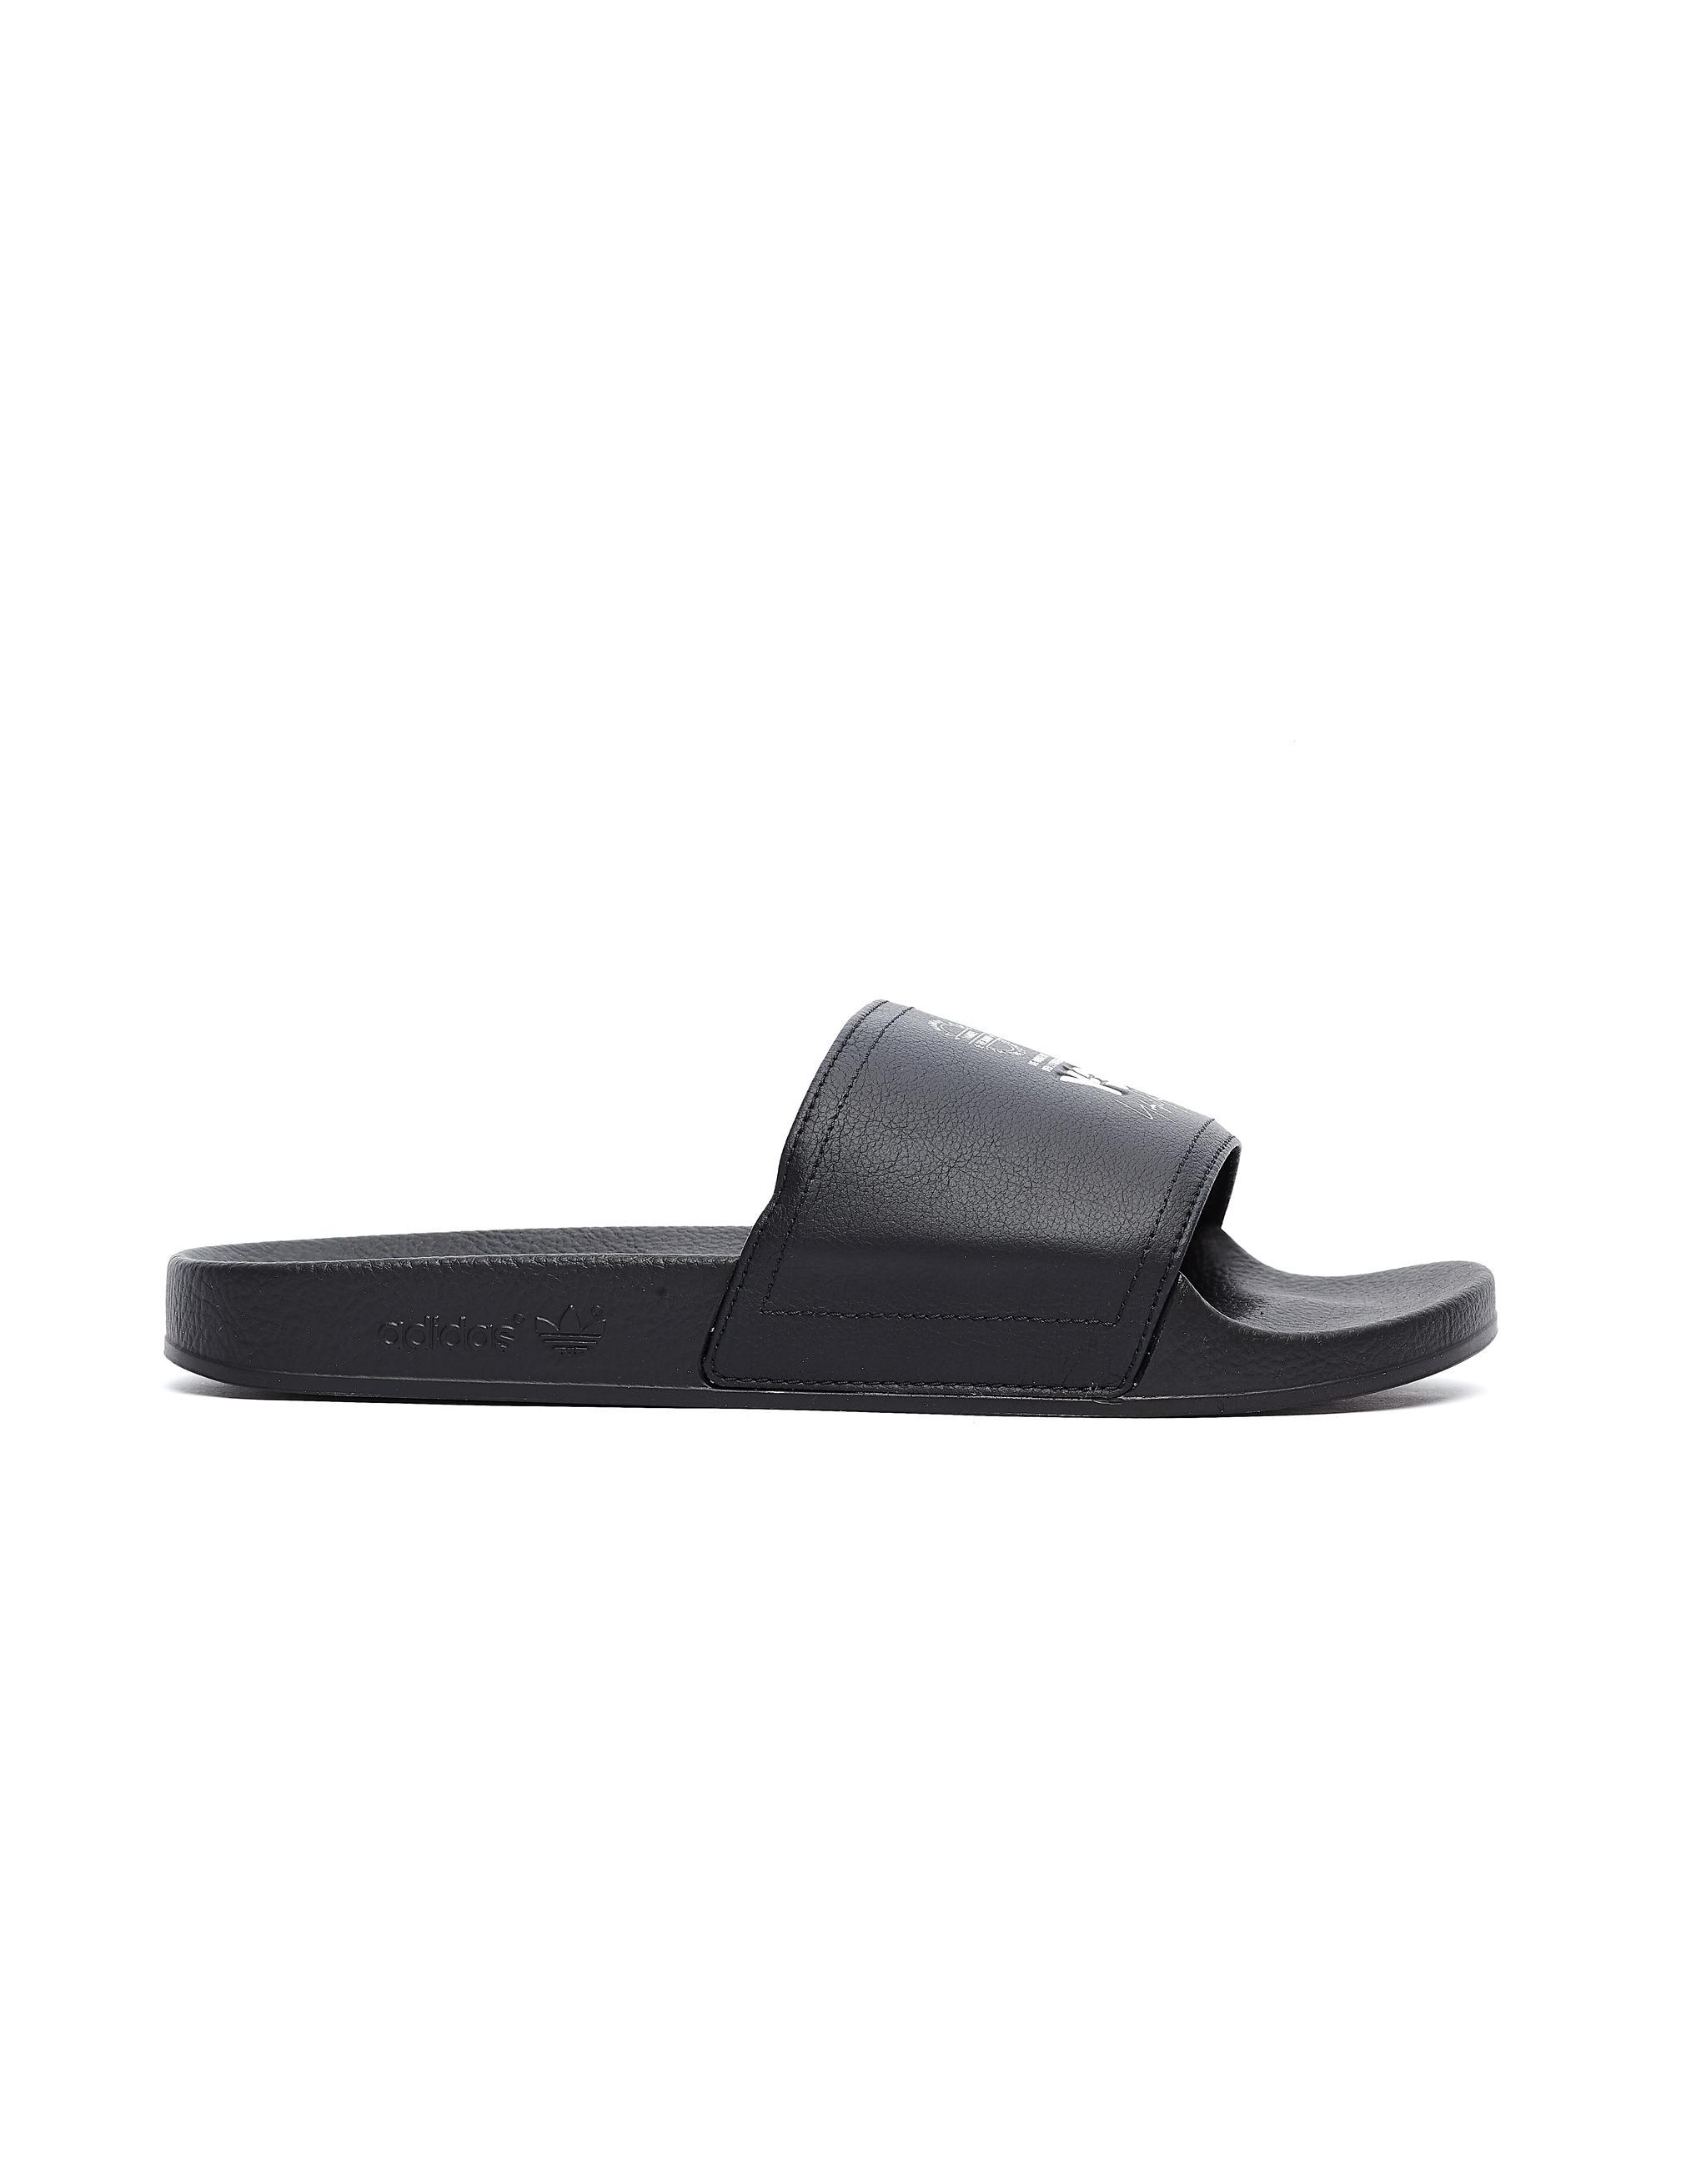 b97d30a47 Lyst - Y-3 Logo Adilette Slides in Black for Men